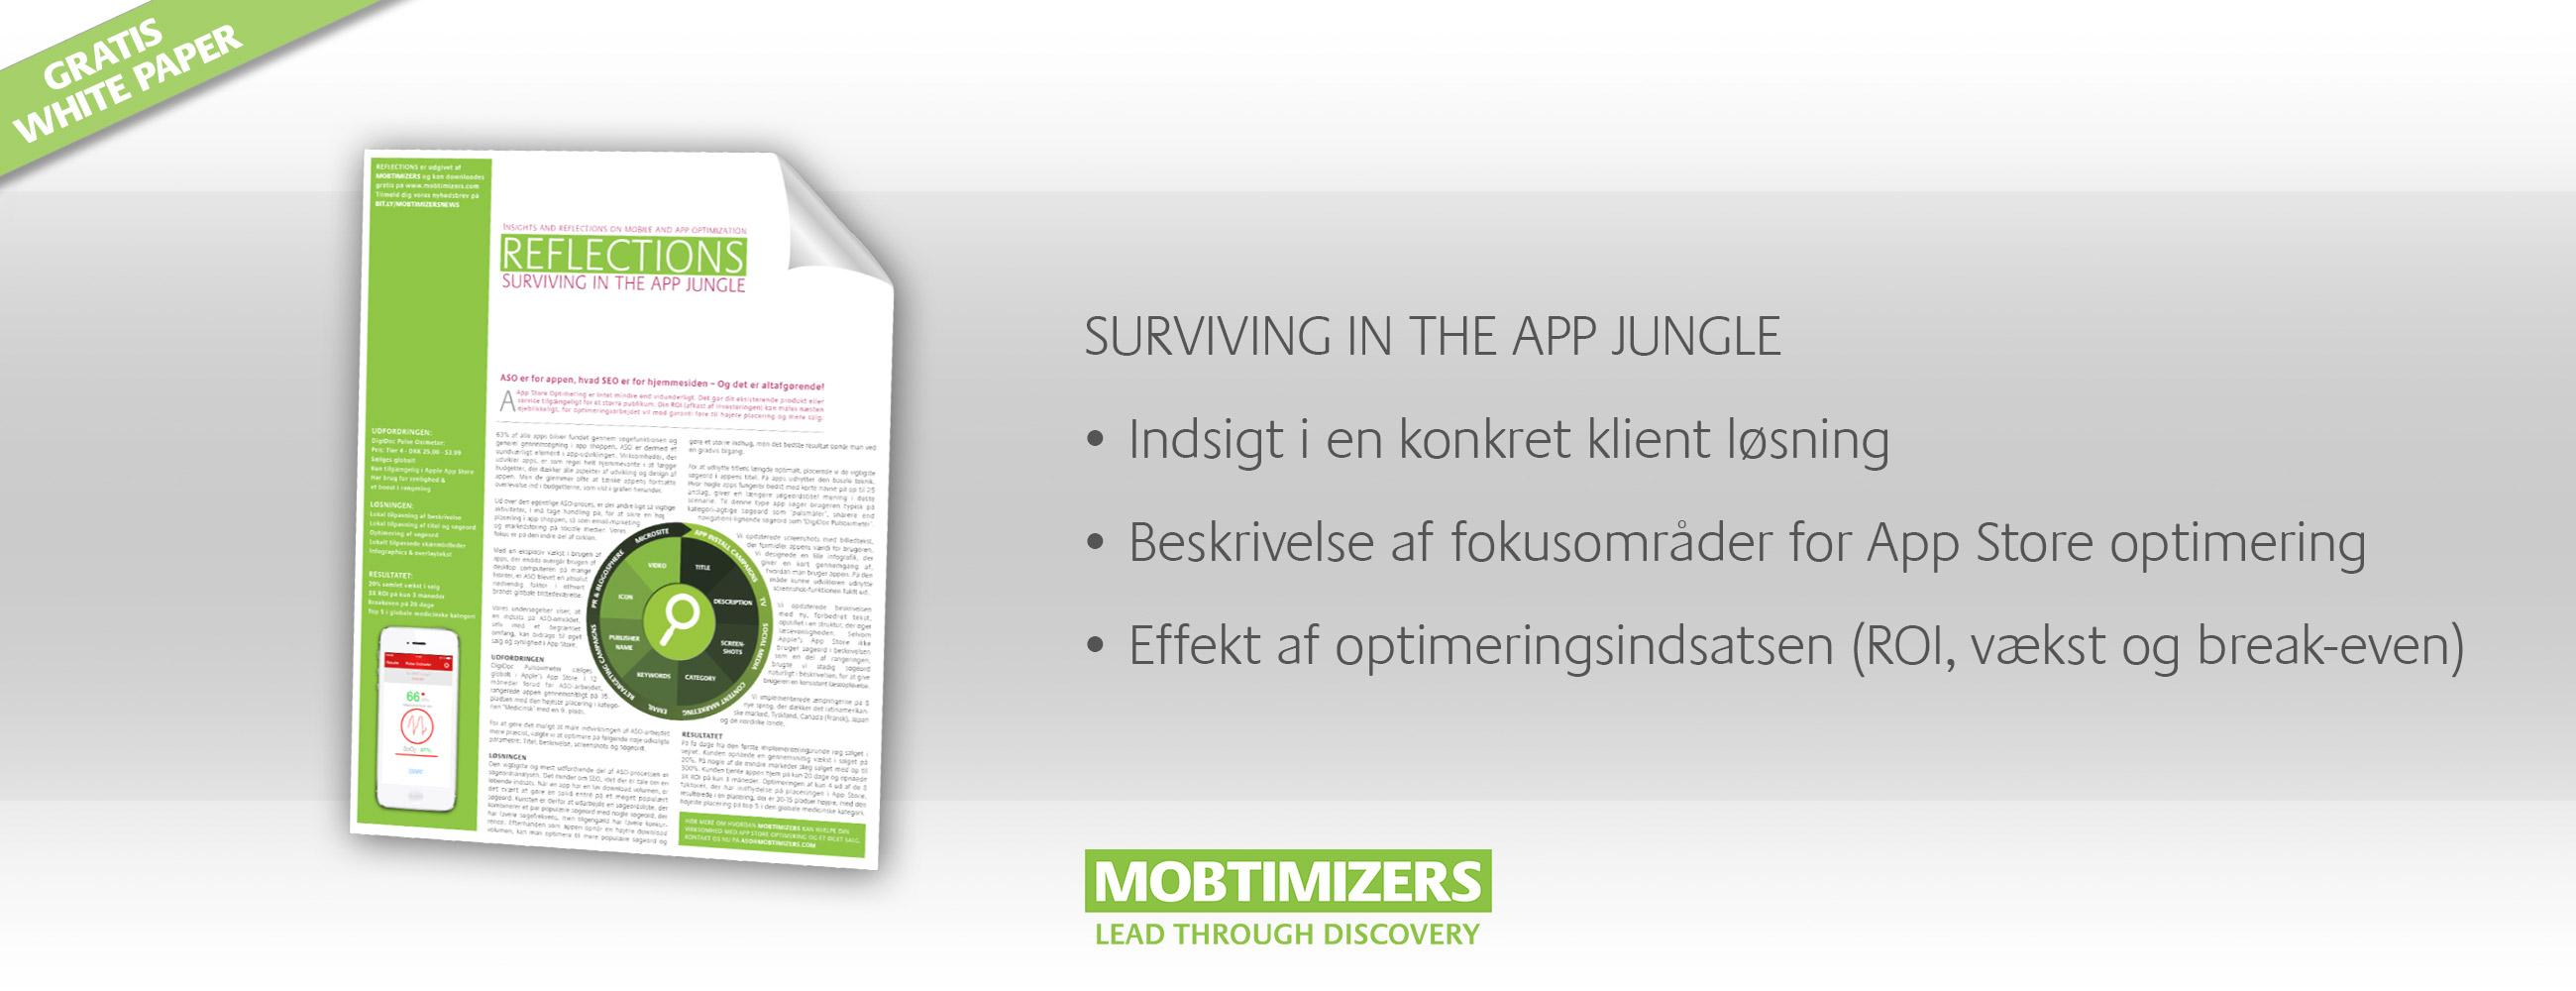 App Store Optimering rapport - indsigter i en ASO kundeløsning